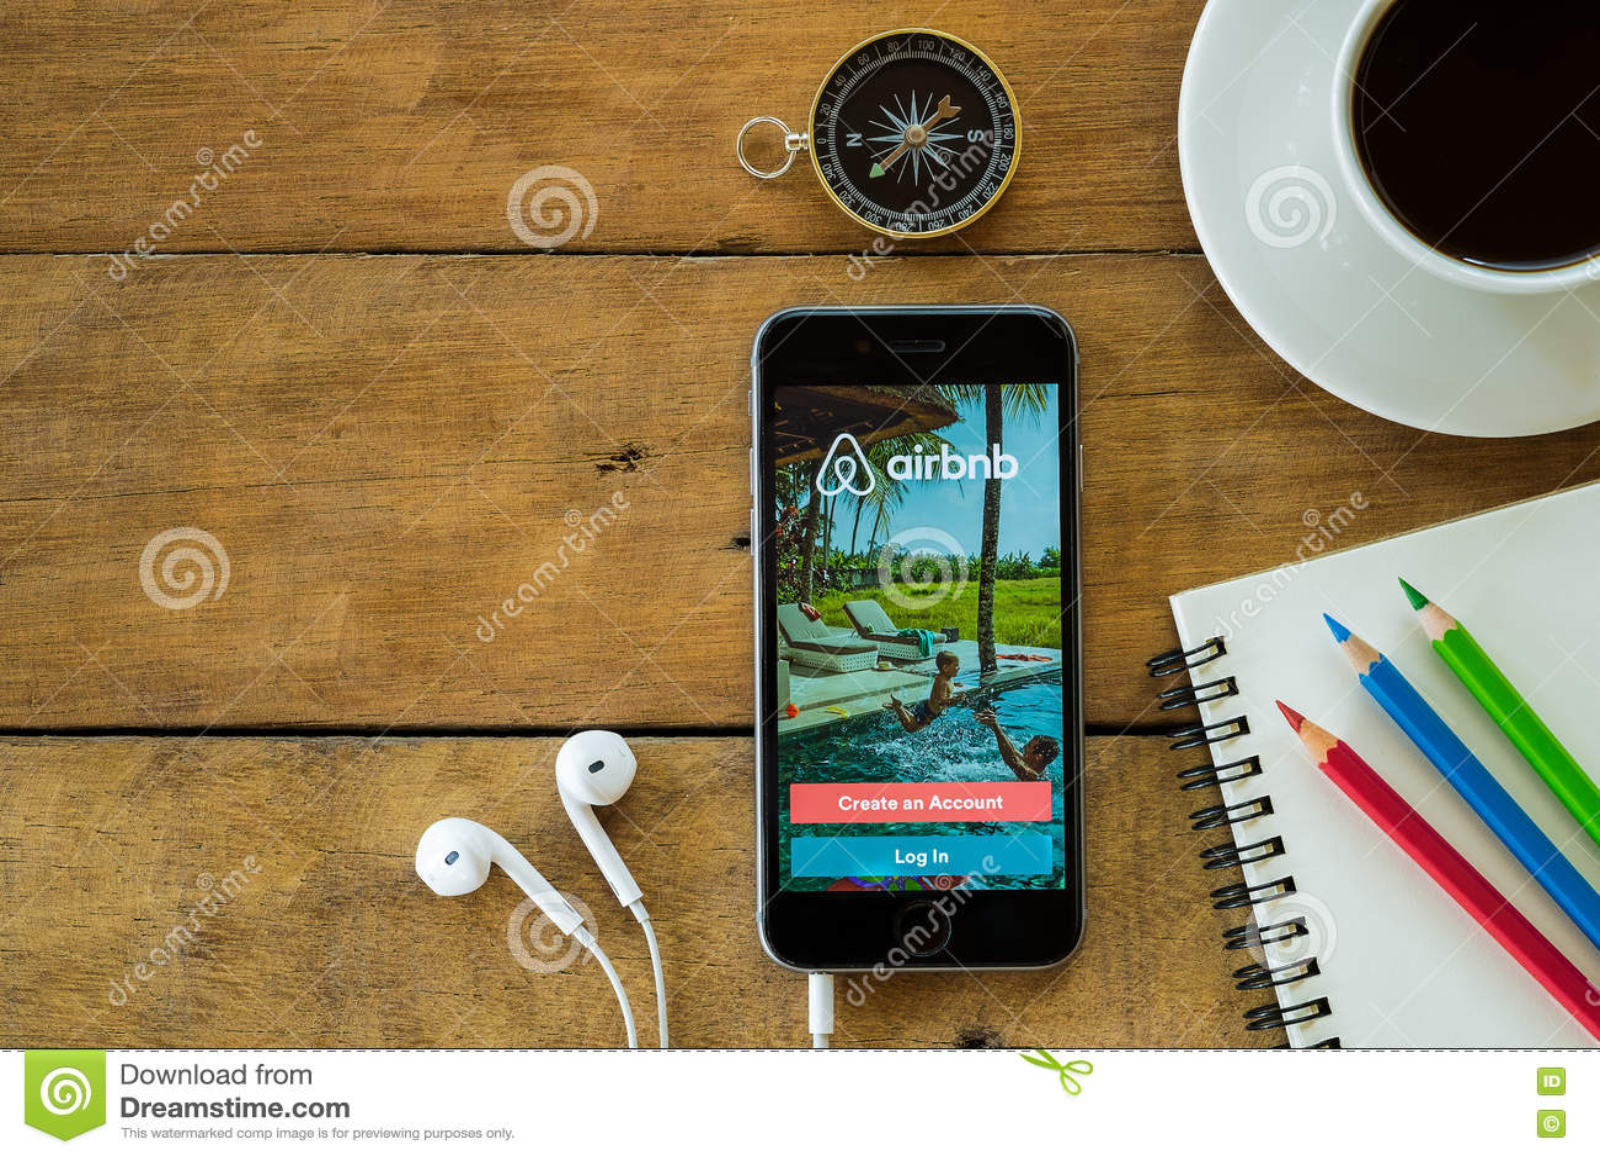 Toepassing van Iphone6s de open Airbnb